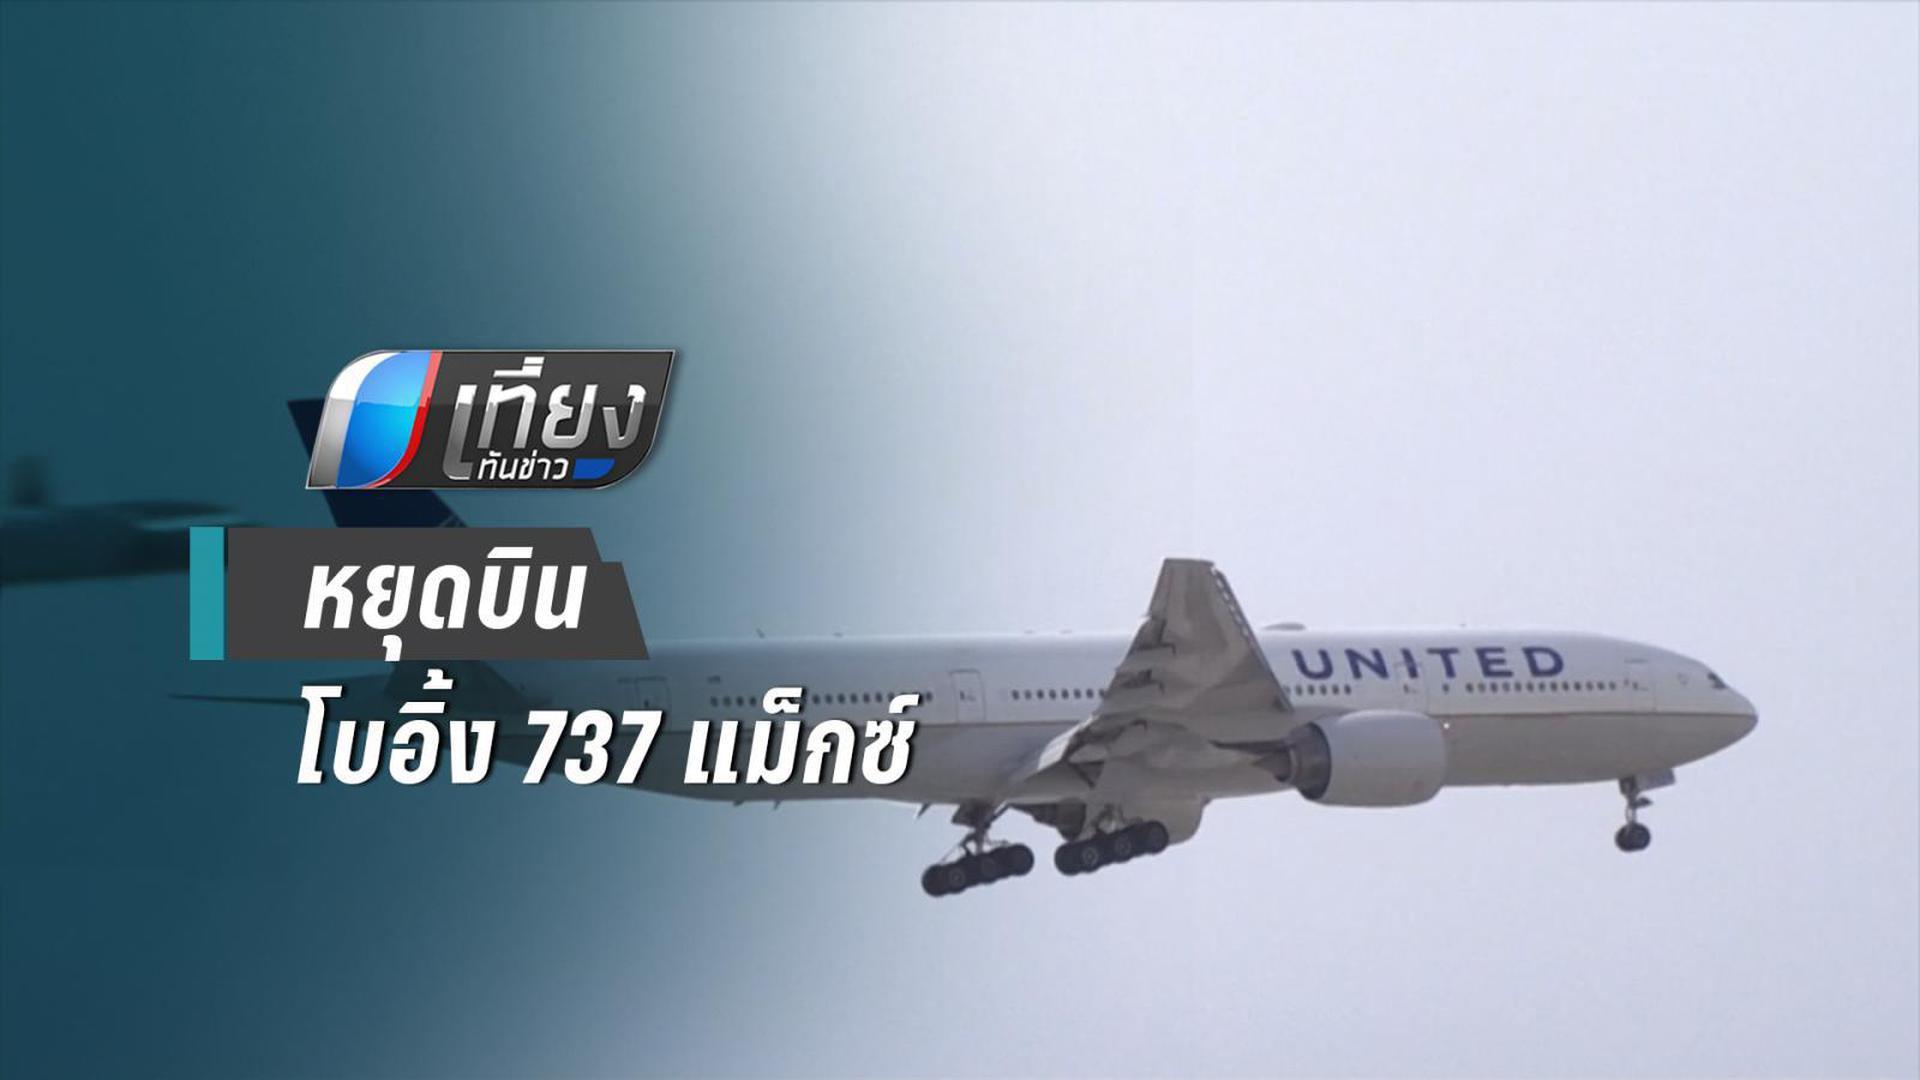 สหรัฐฯ สั่งห้าม โบอิ้ง 737 แม็กซ์บิน อย่างน้อยเดือนพ.ค.